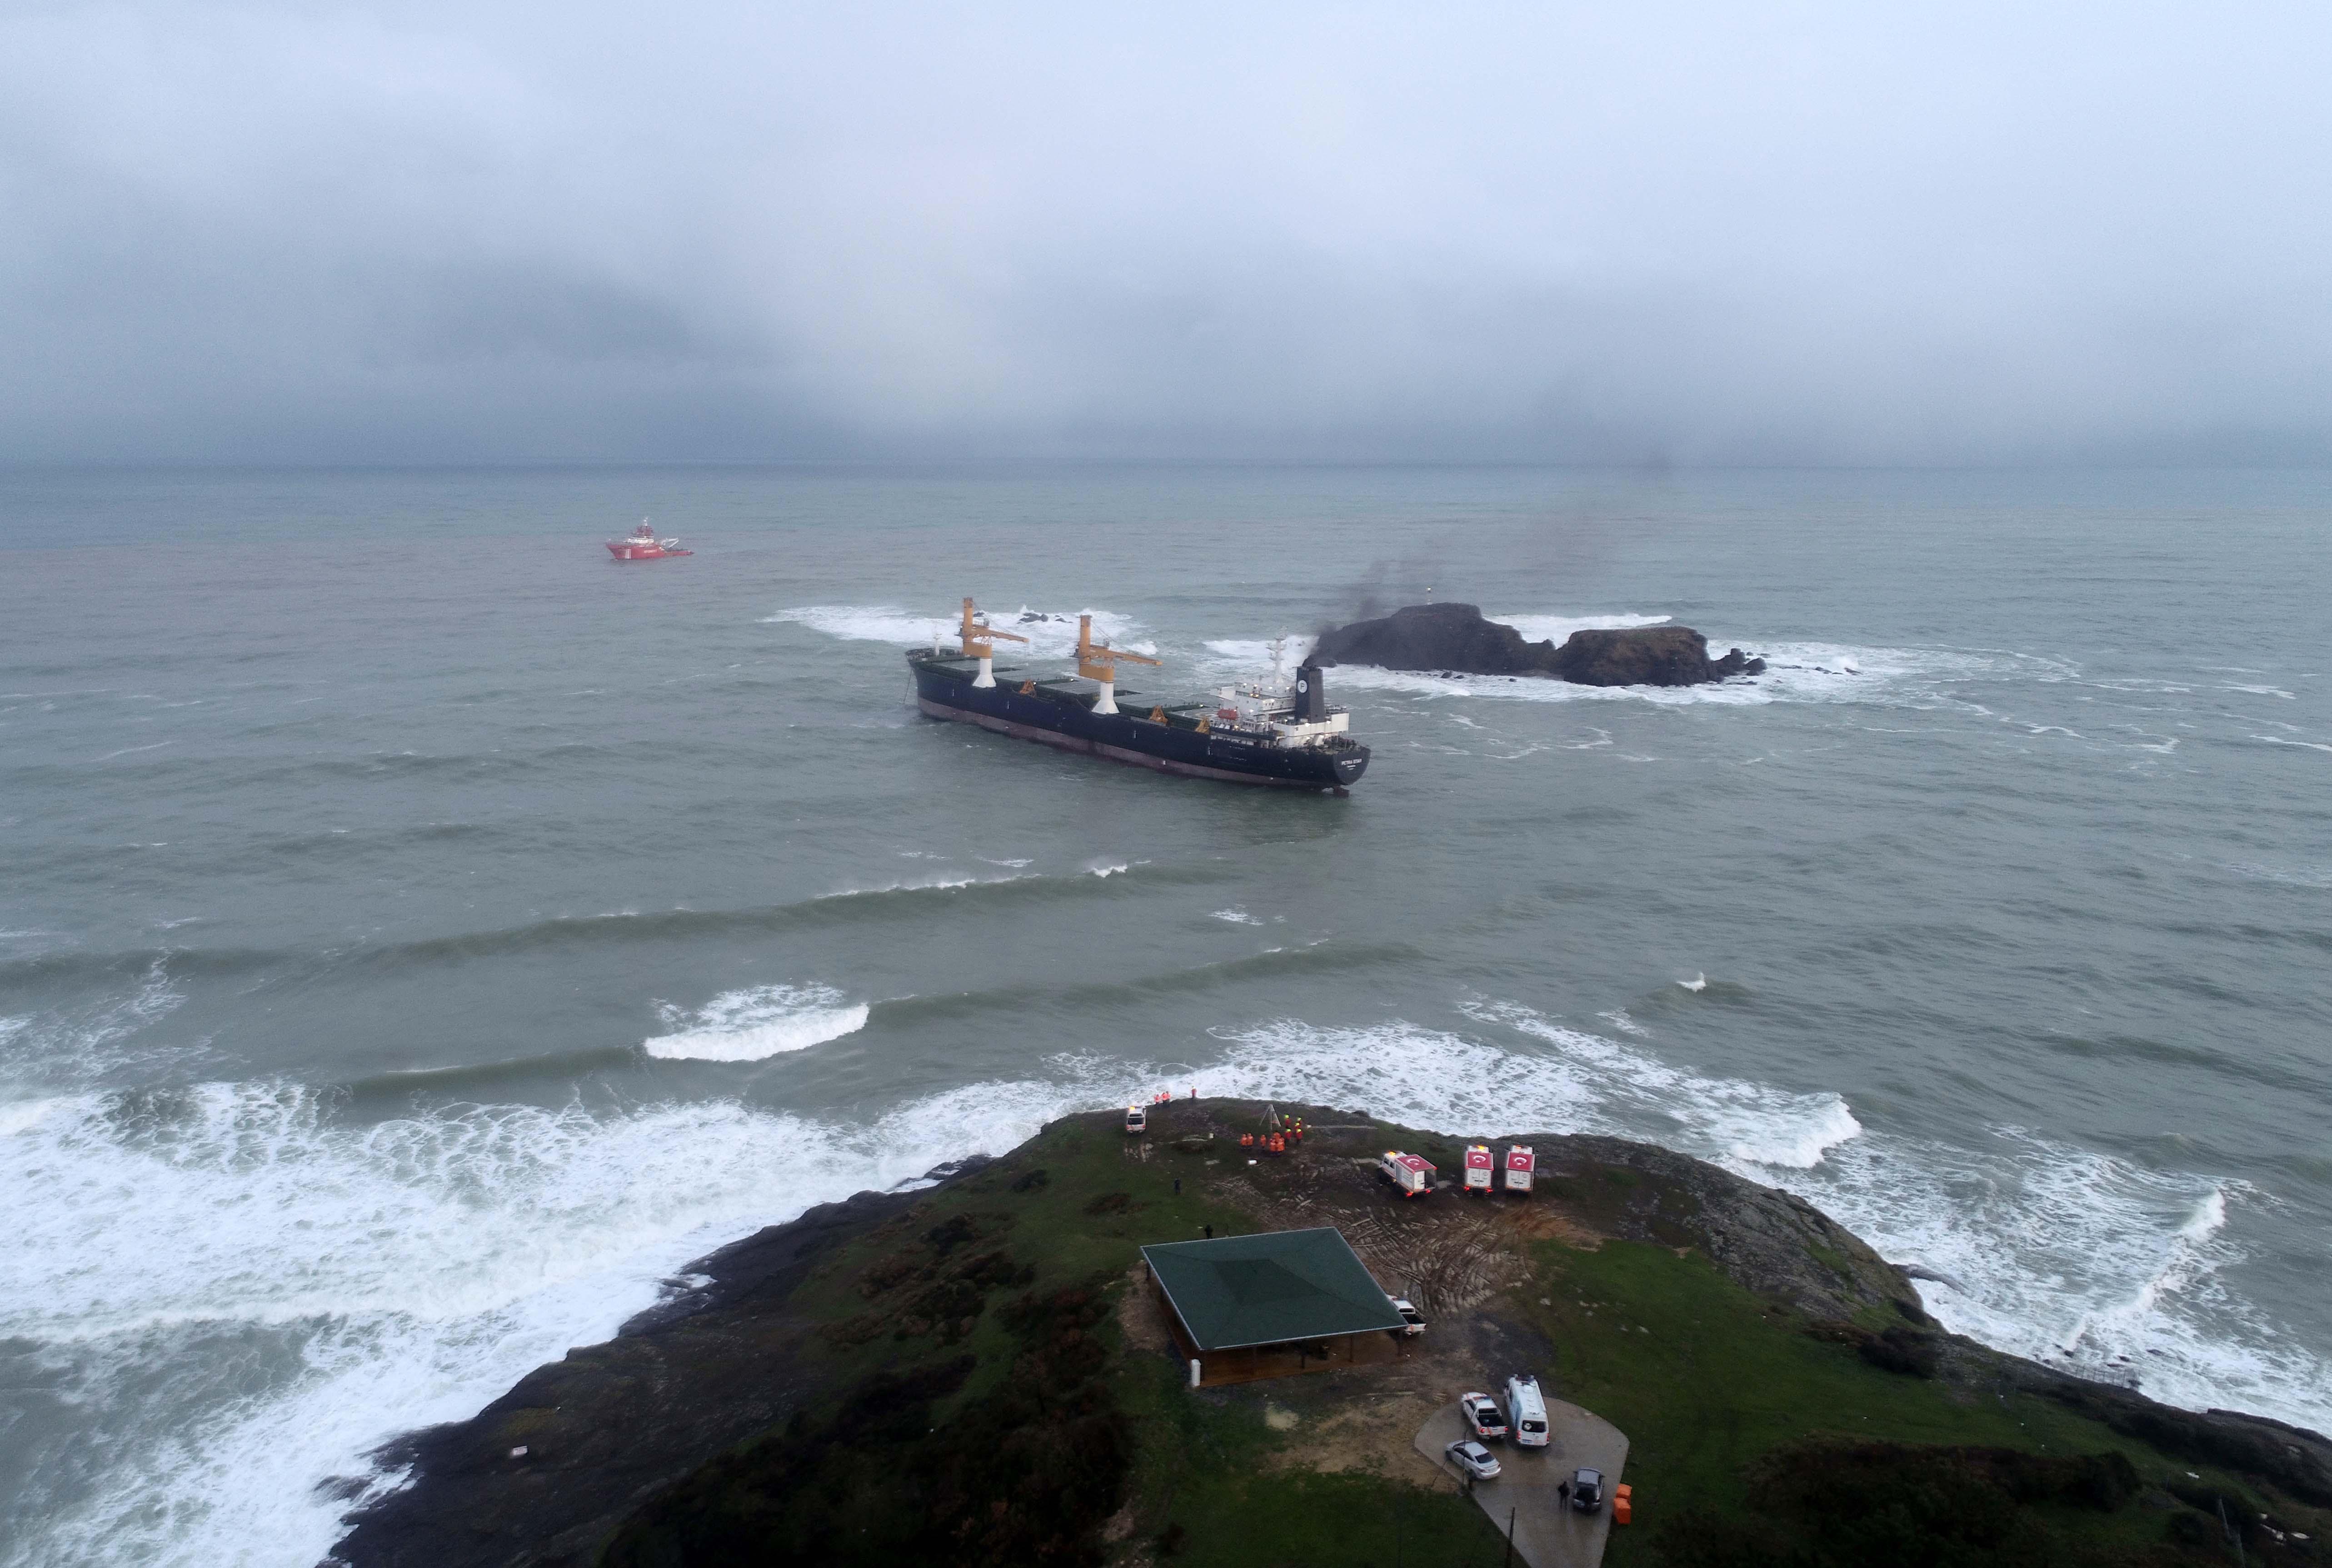 Arıza veren kargo gemisi kıyıya demir attı! Ekipler çalışma başlattı